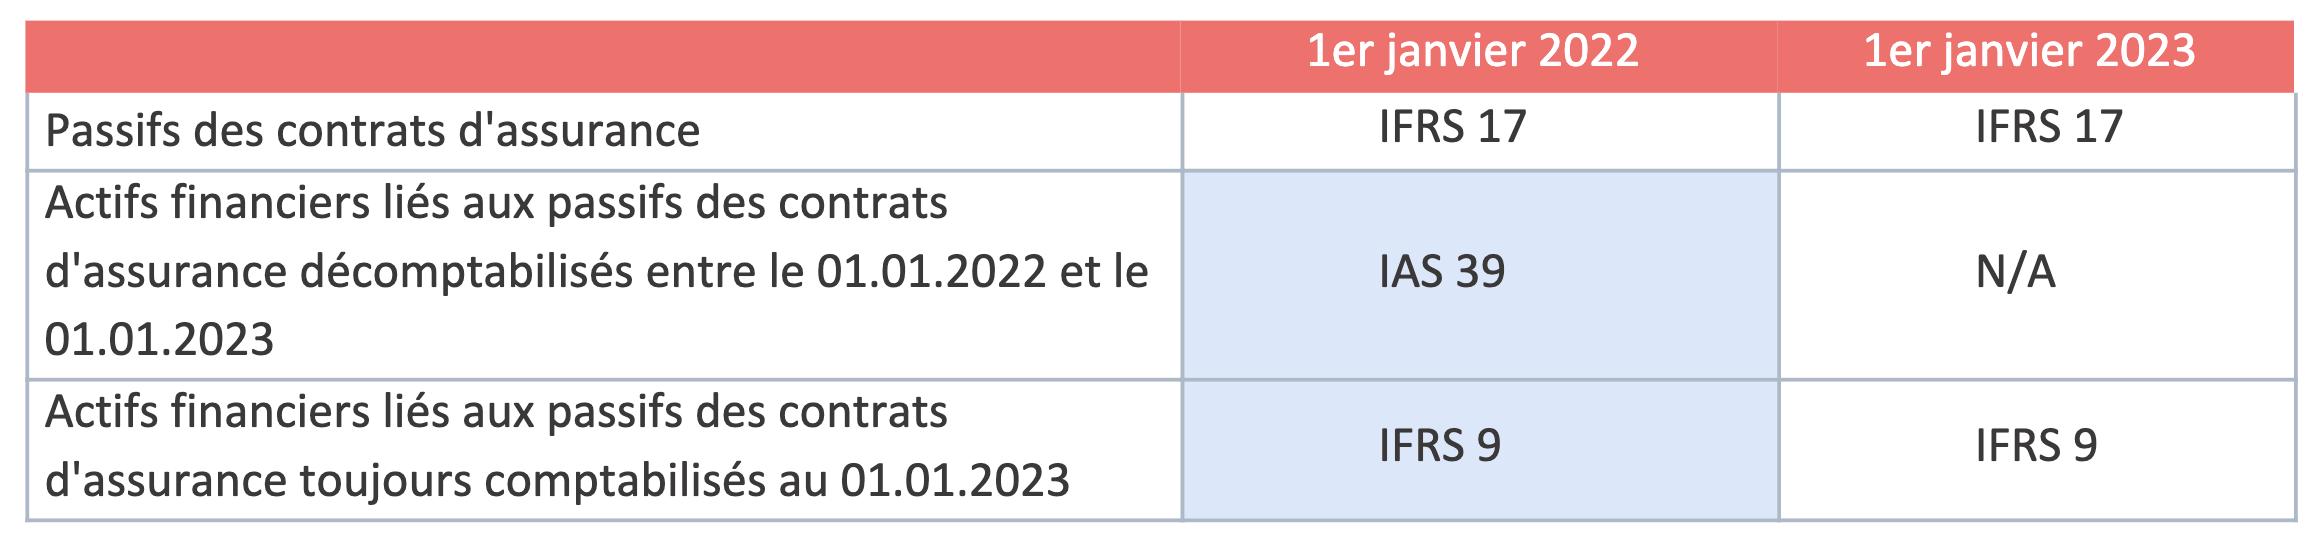 Tableau - Rappel des dates d'application initiale des normes IFRS 9 et IFRS 17